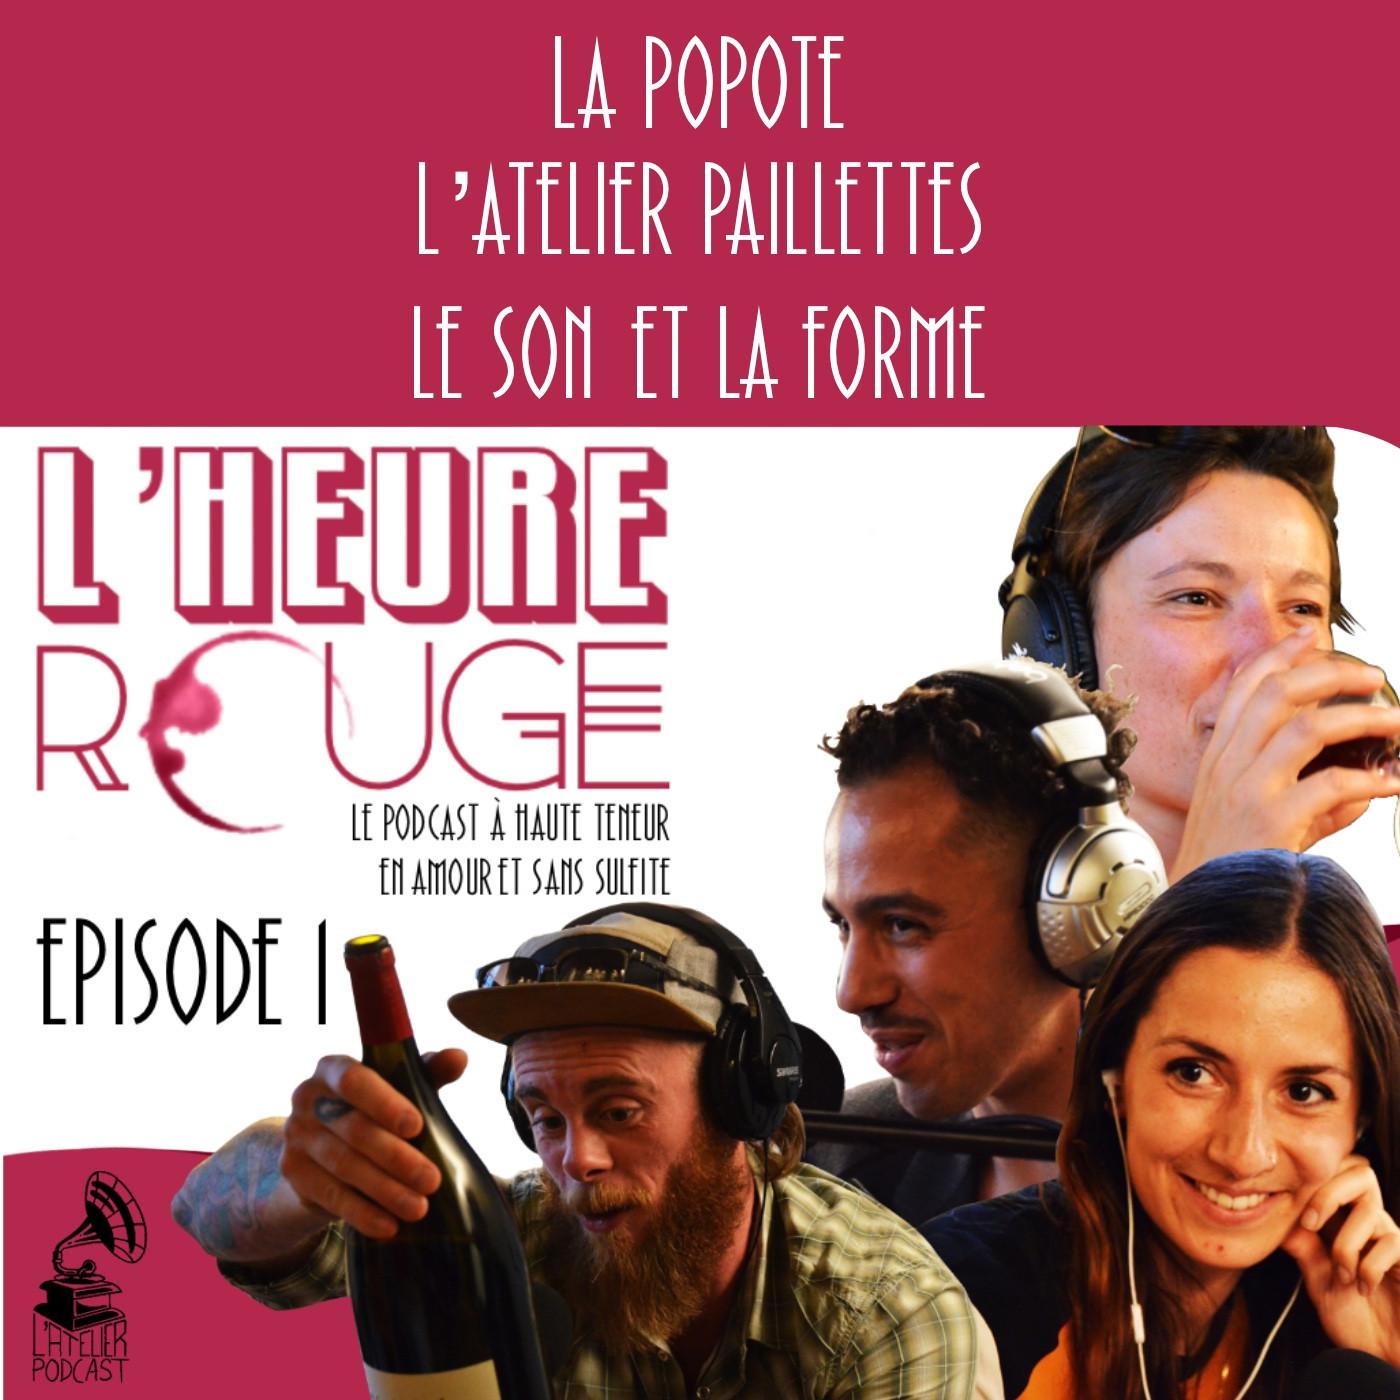 Episode 1 - L'Atelier Paillettes, La Popote, et Le Son et La Forme